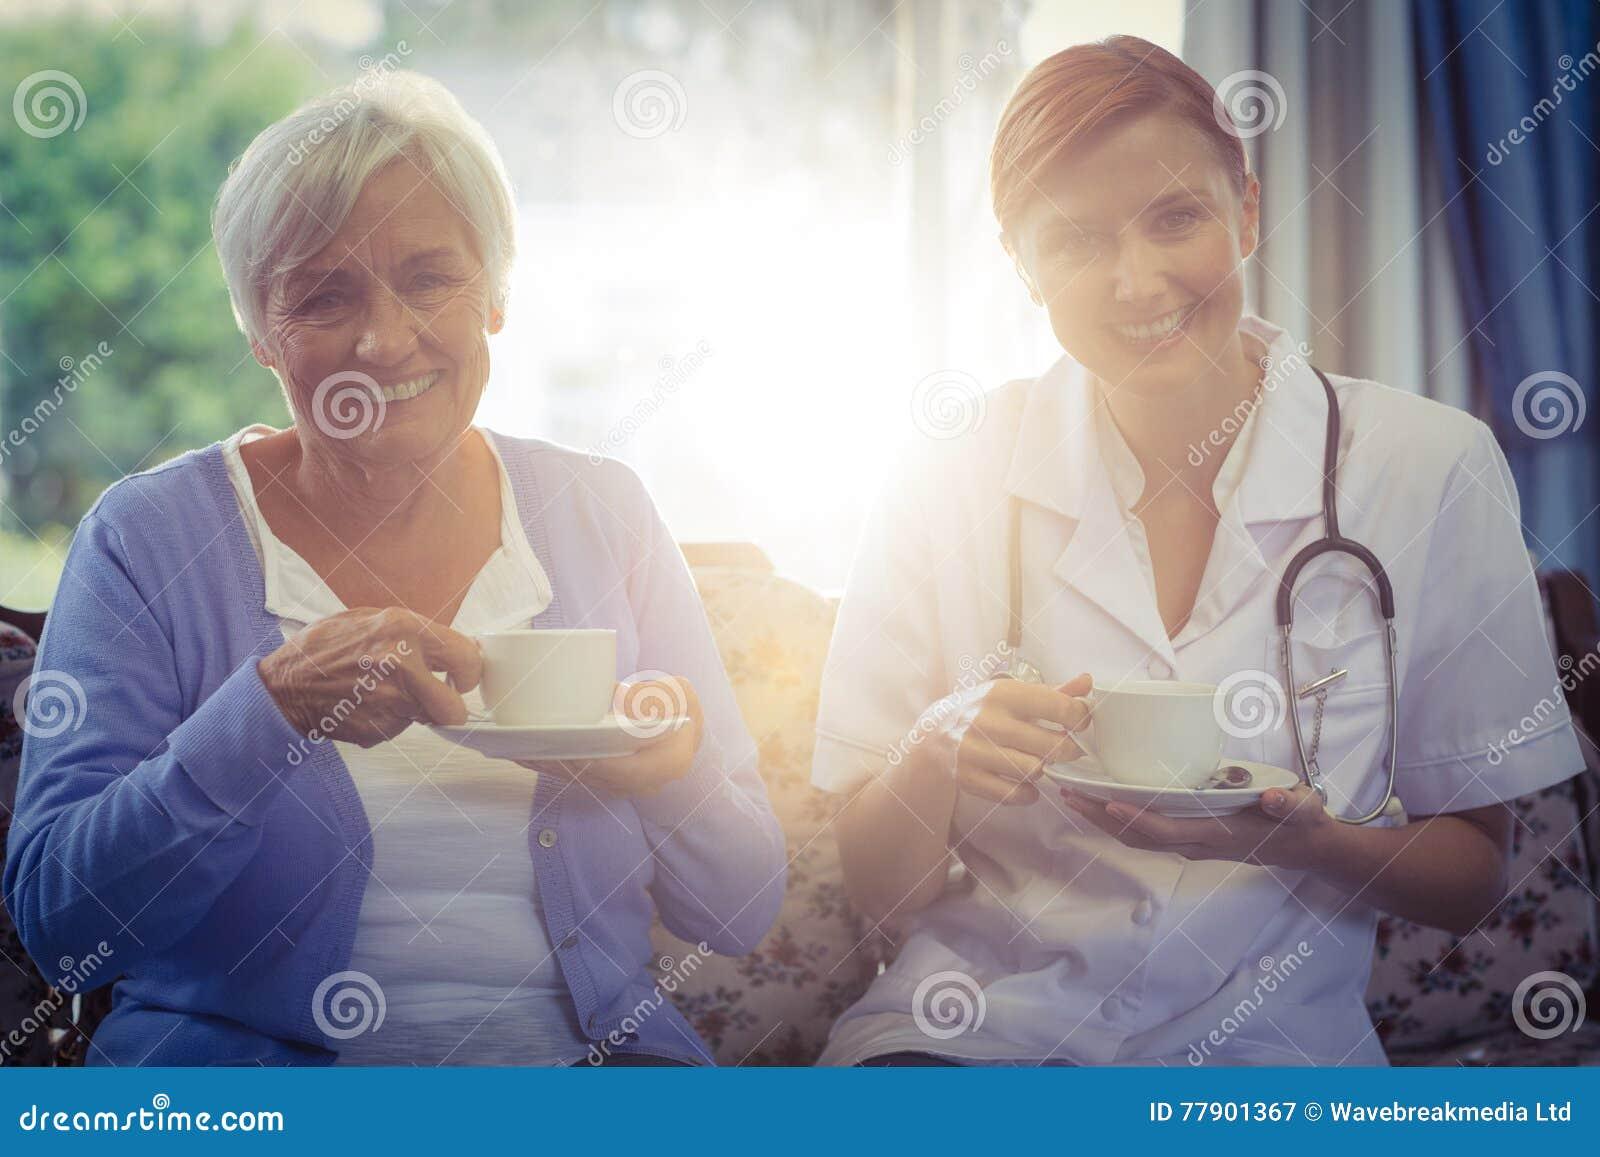 Porträt lächelnden Doktors und des Patienten, die Tee trinken